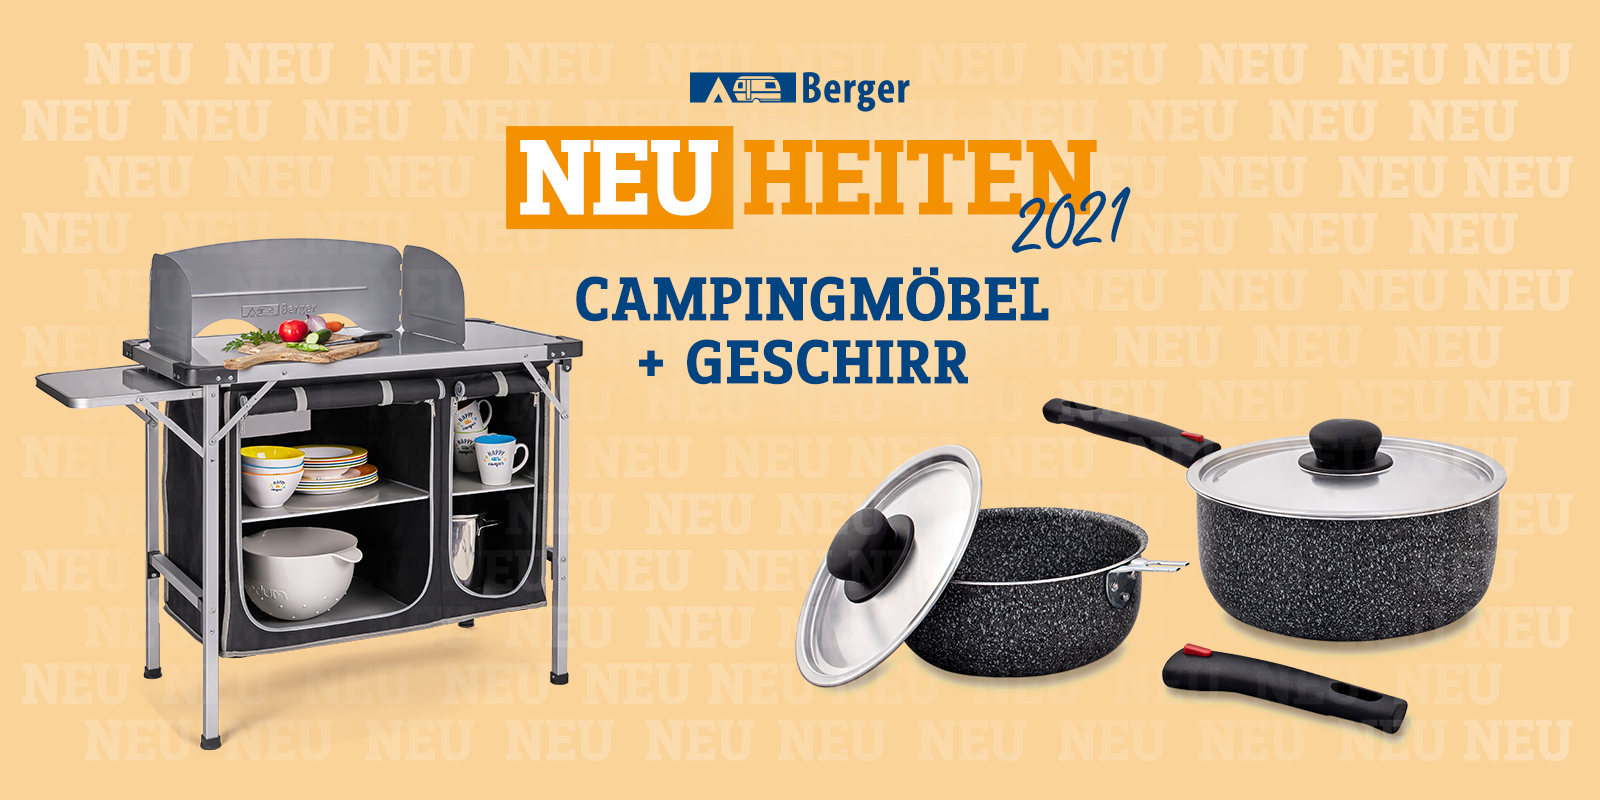 <span>Berger Neuheiten 2021: Campingmöbel und Geschirr</span>